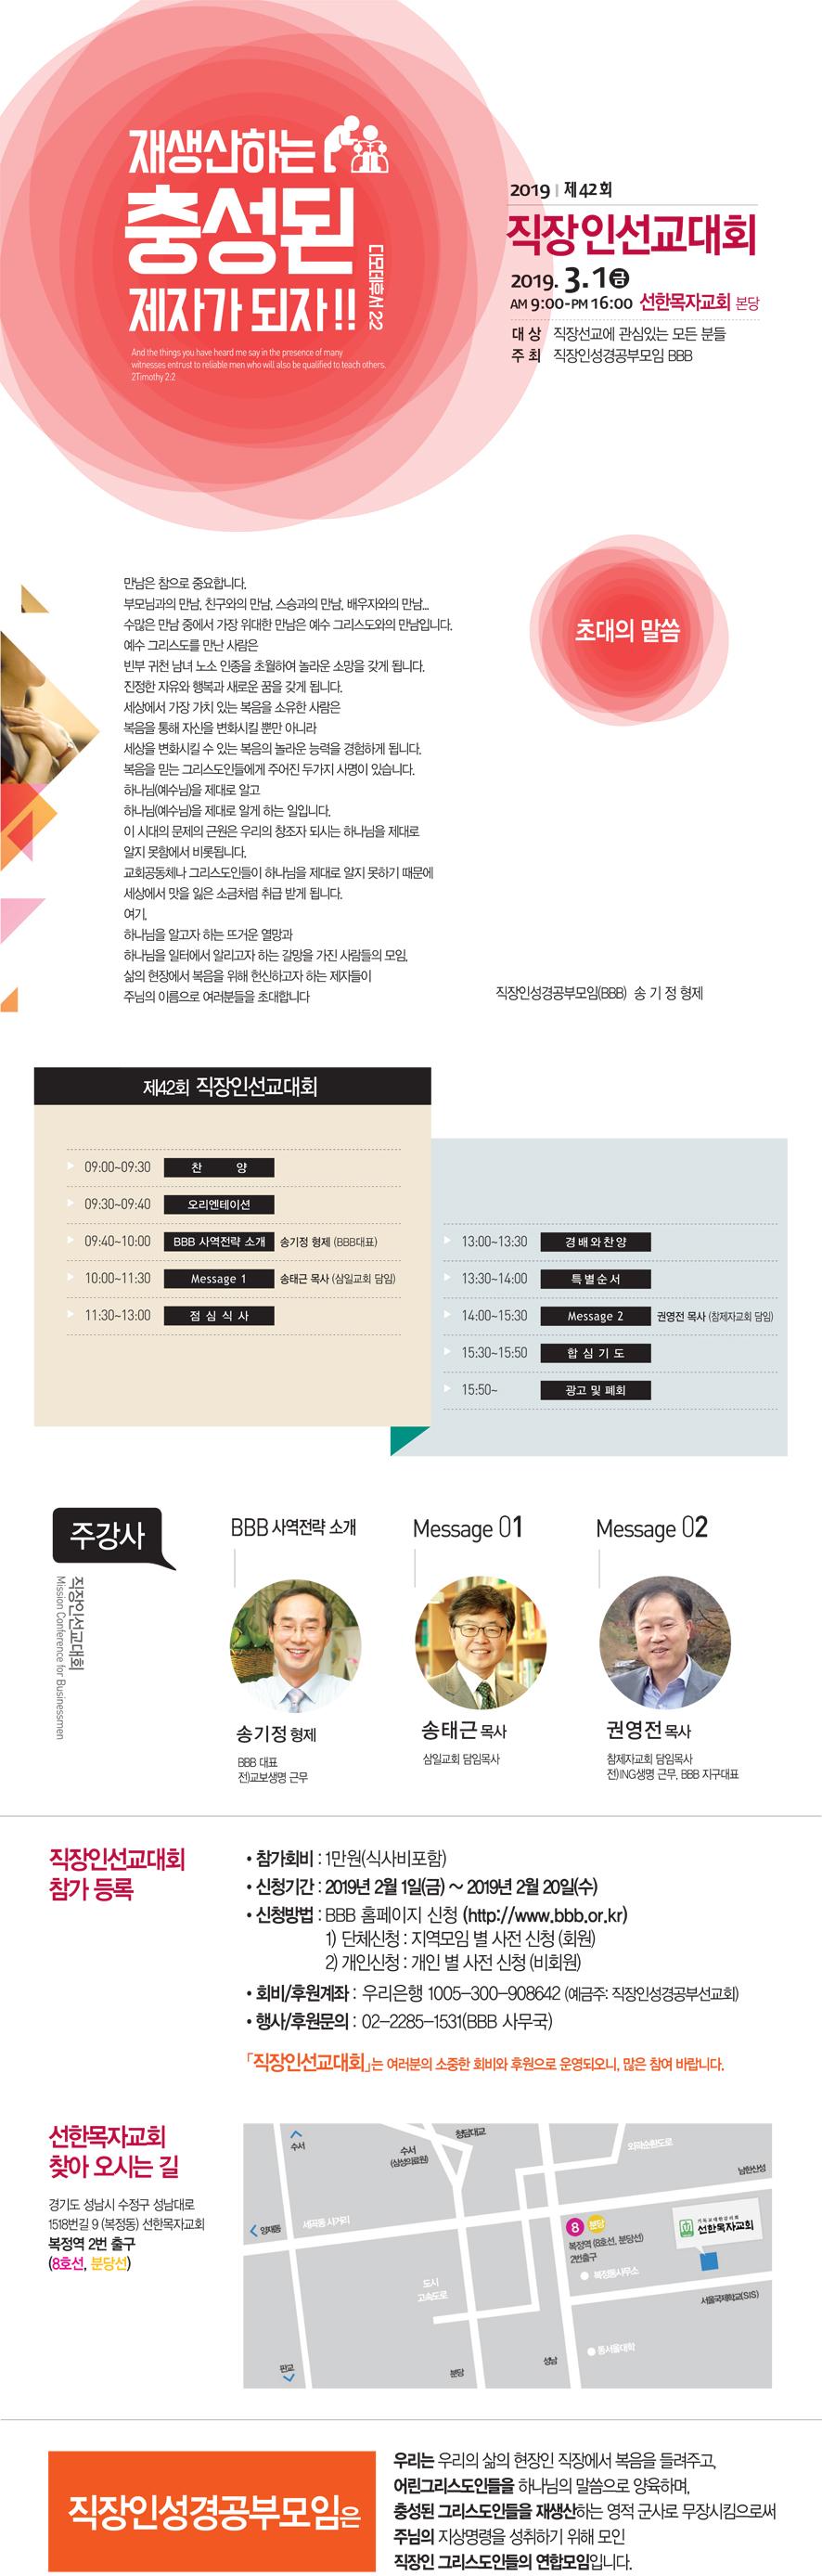 2019 bbb선교대회 공지페이지.jpg